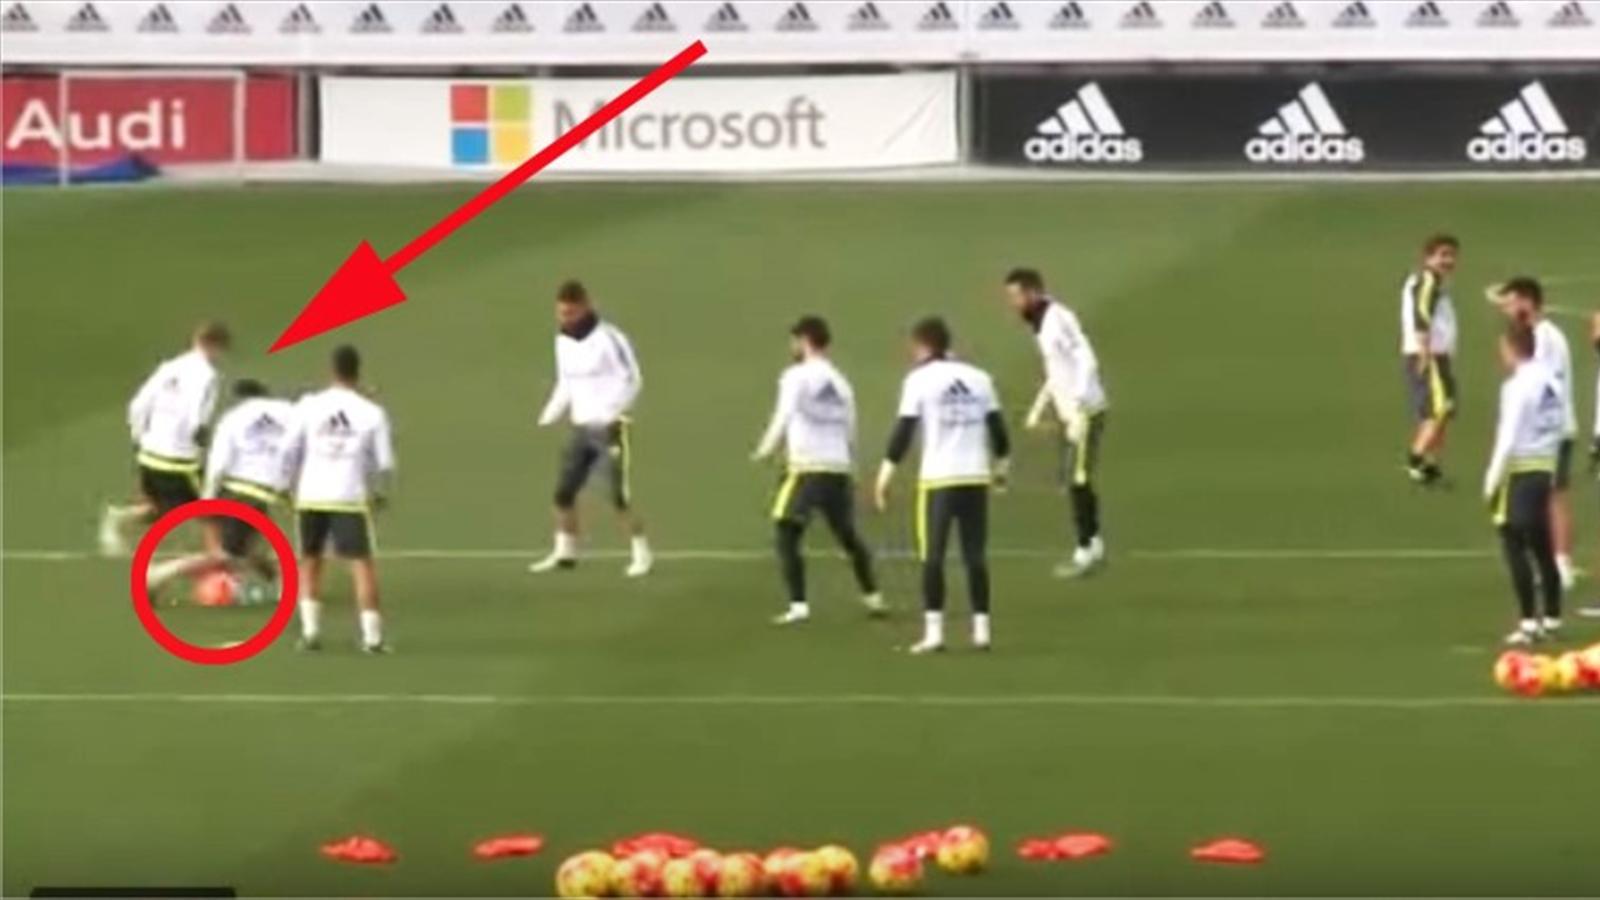 Toni Kroos pulls off brilliant backheel nutmeg in Real Madrid training (Youtube)